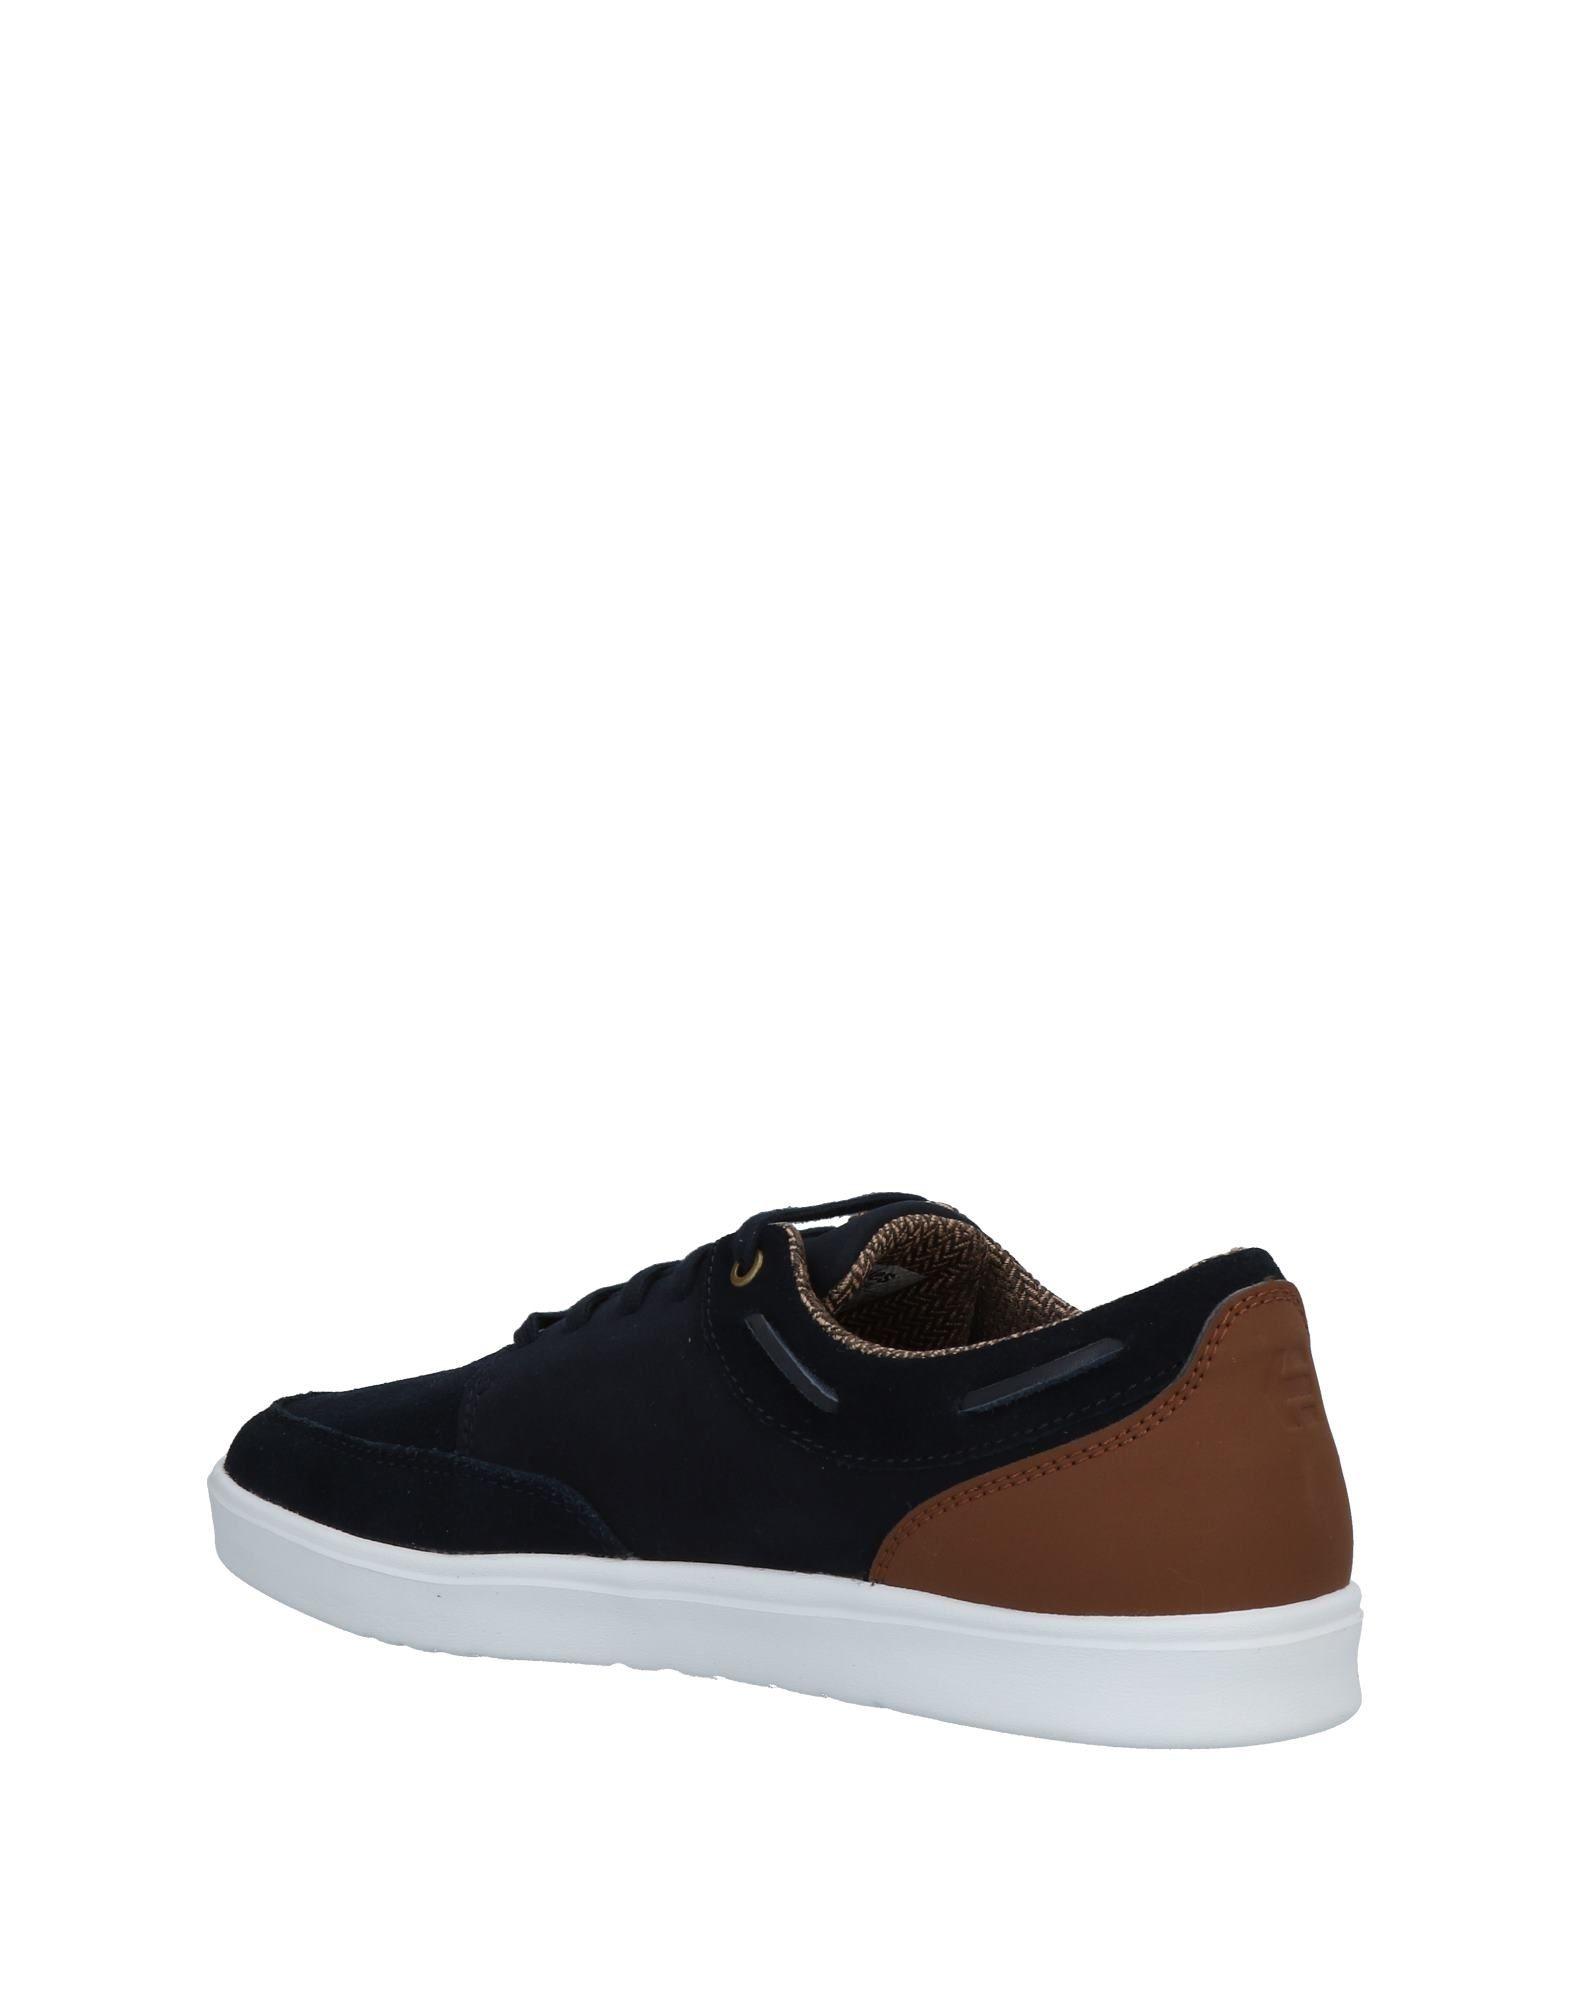 Etnies Sneakers Herren  Schuhe 11473781JV Heiße Schuhe  aad806